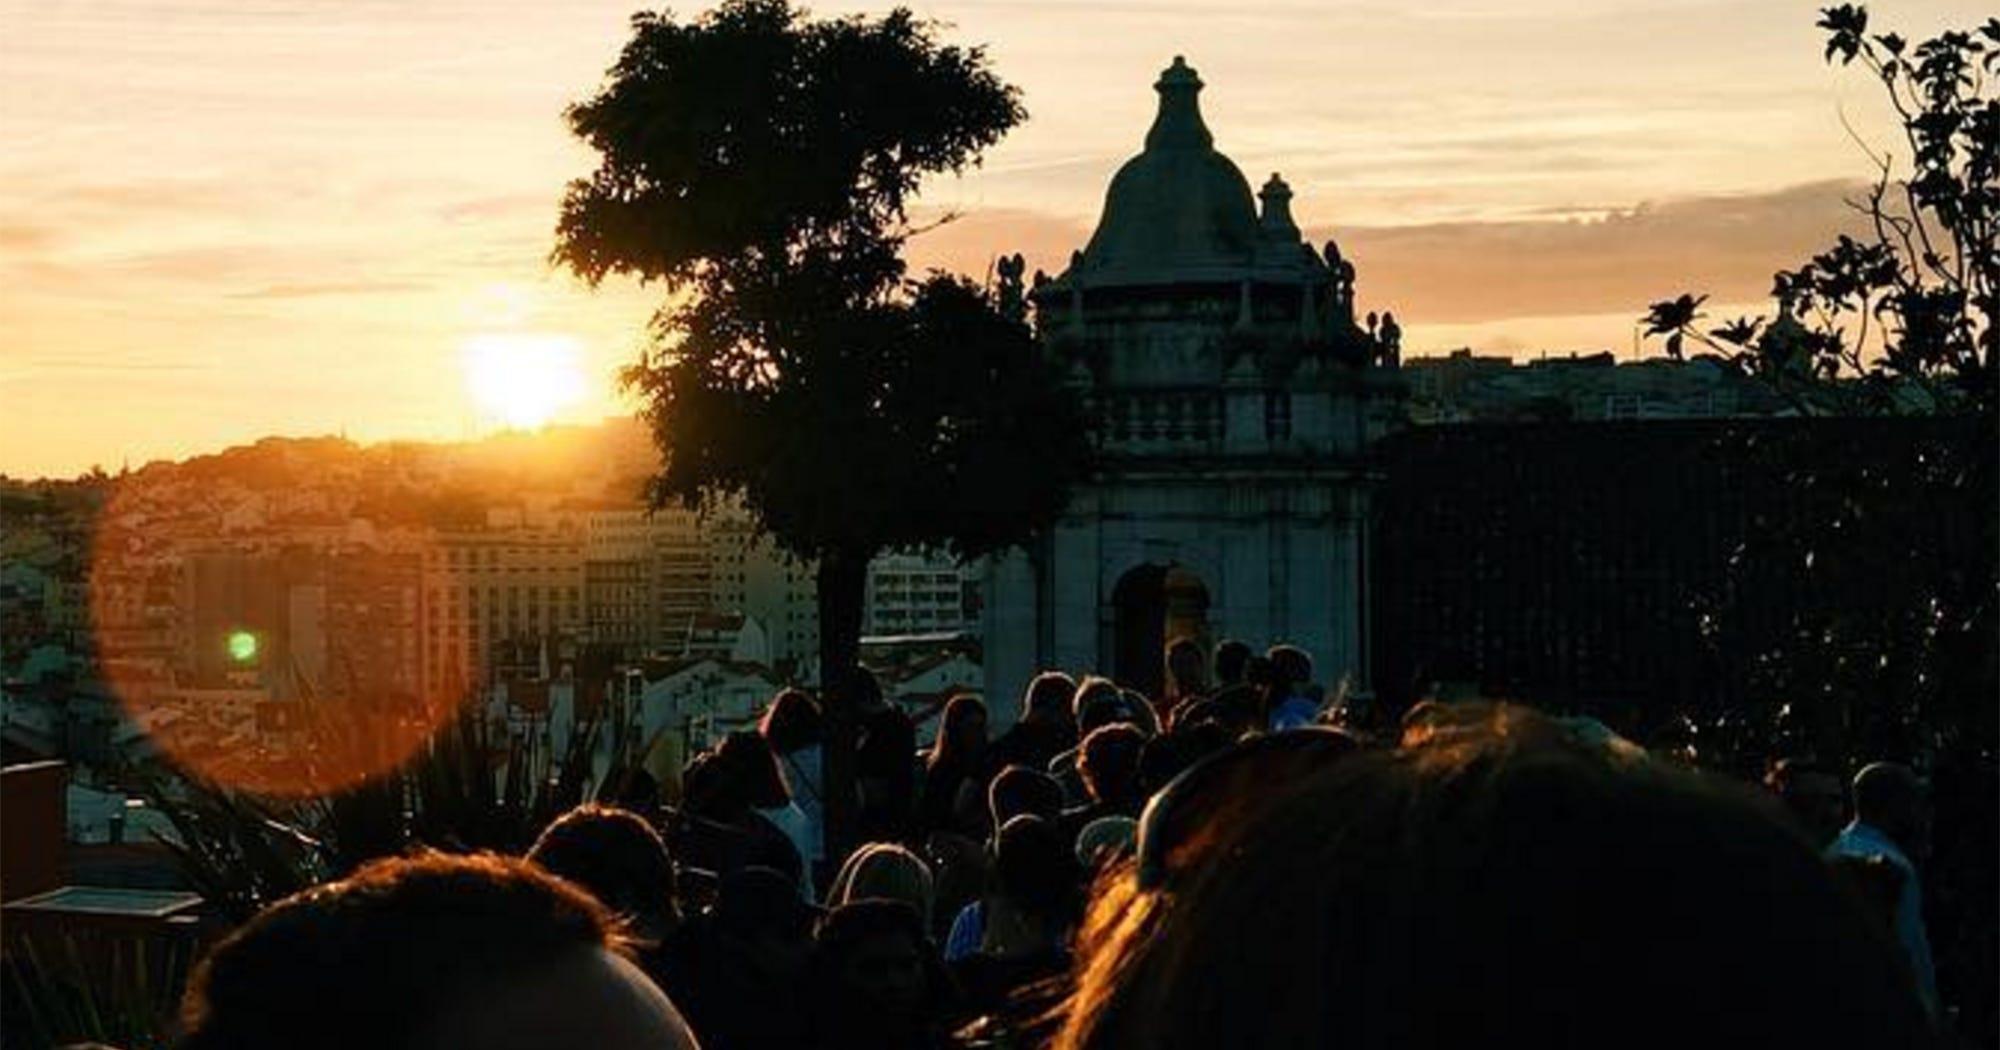 How To Do Lisbon Like A Local